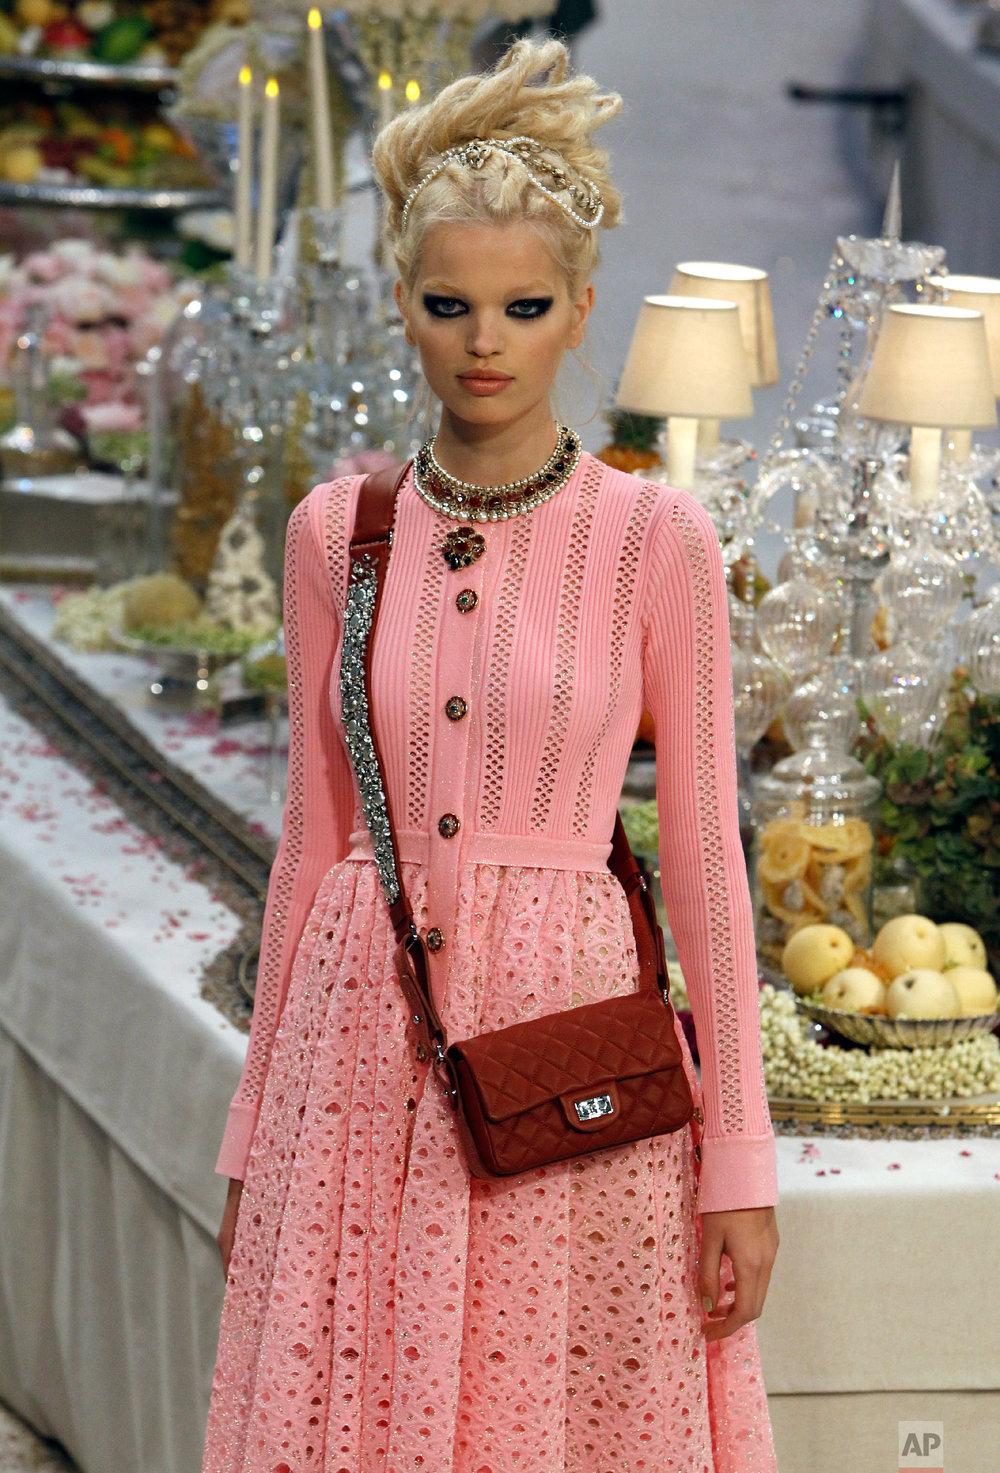 A model presents a creation by Lagerfeld in Paris, Dec. 6, 2011. (AP Photo/Remy de la Mauviniere)